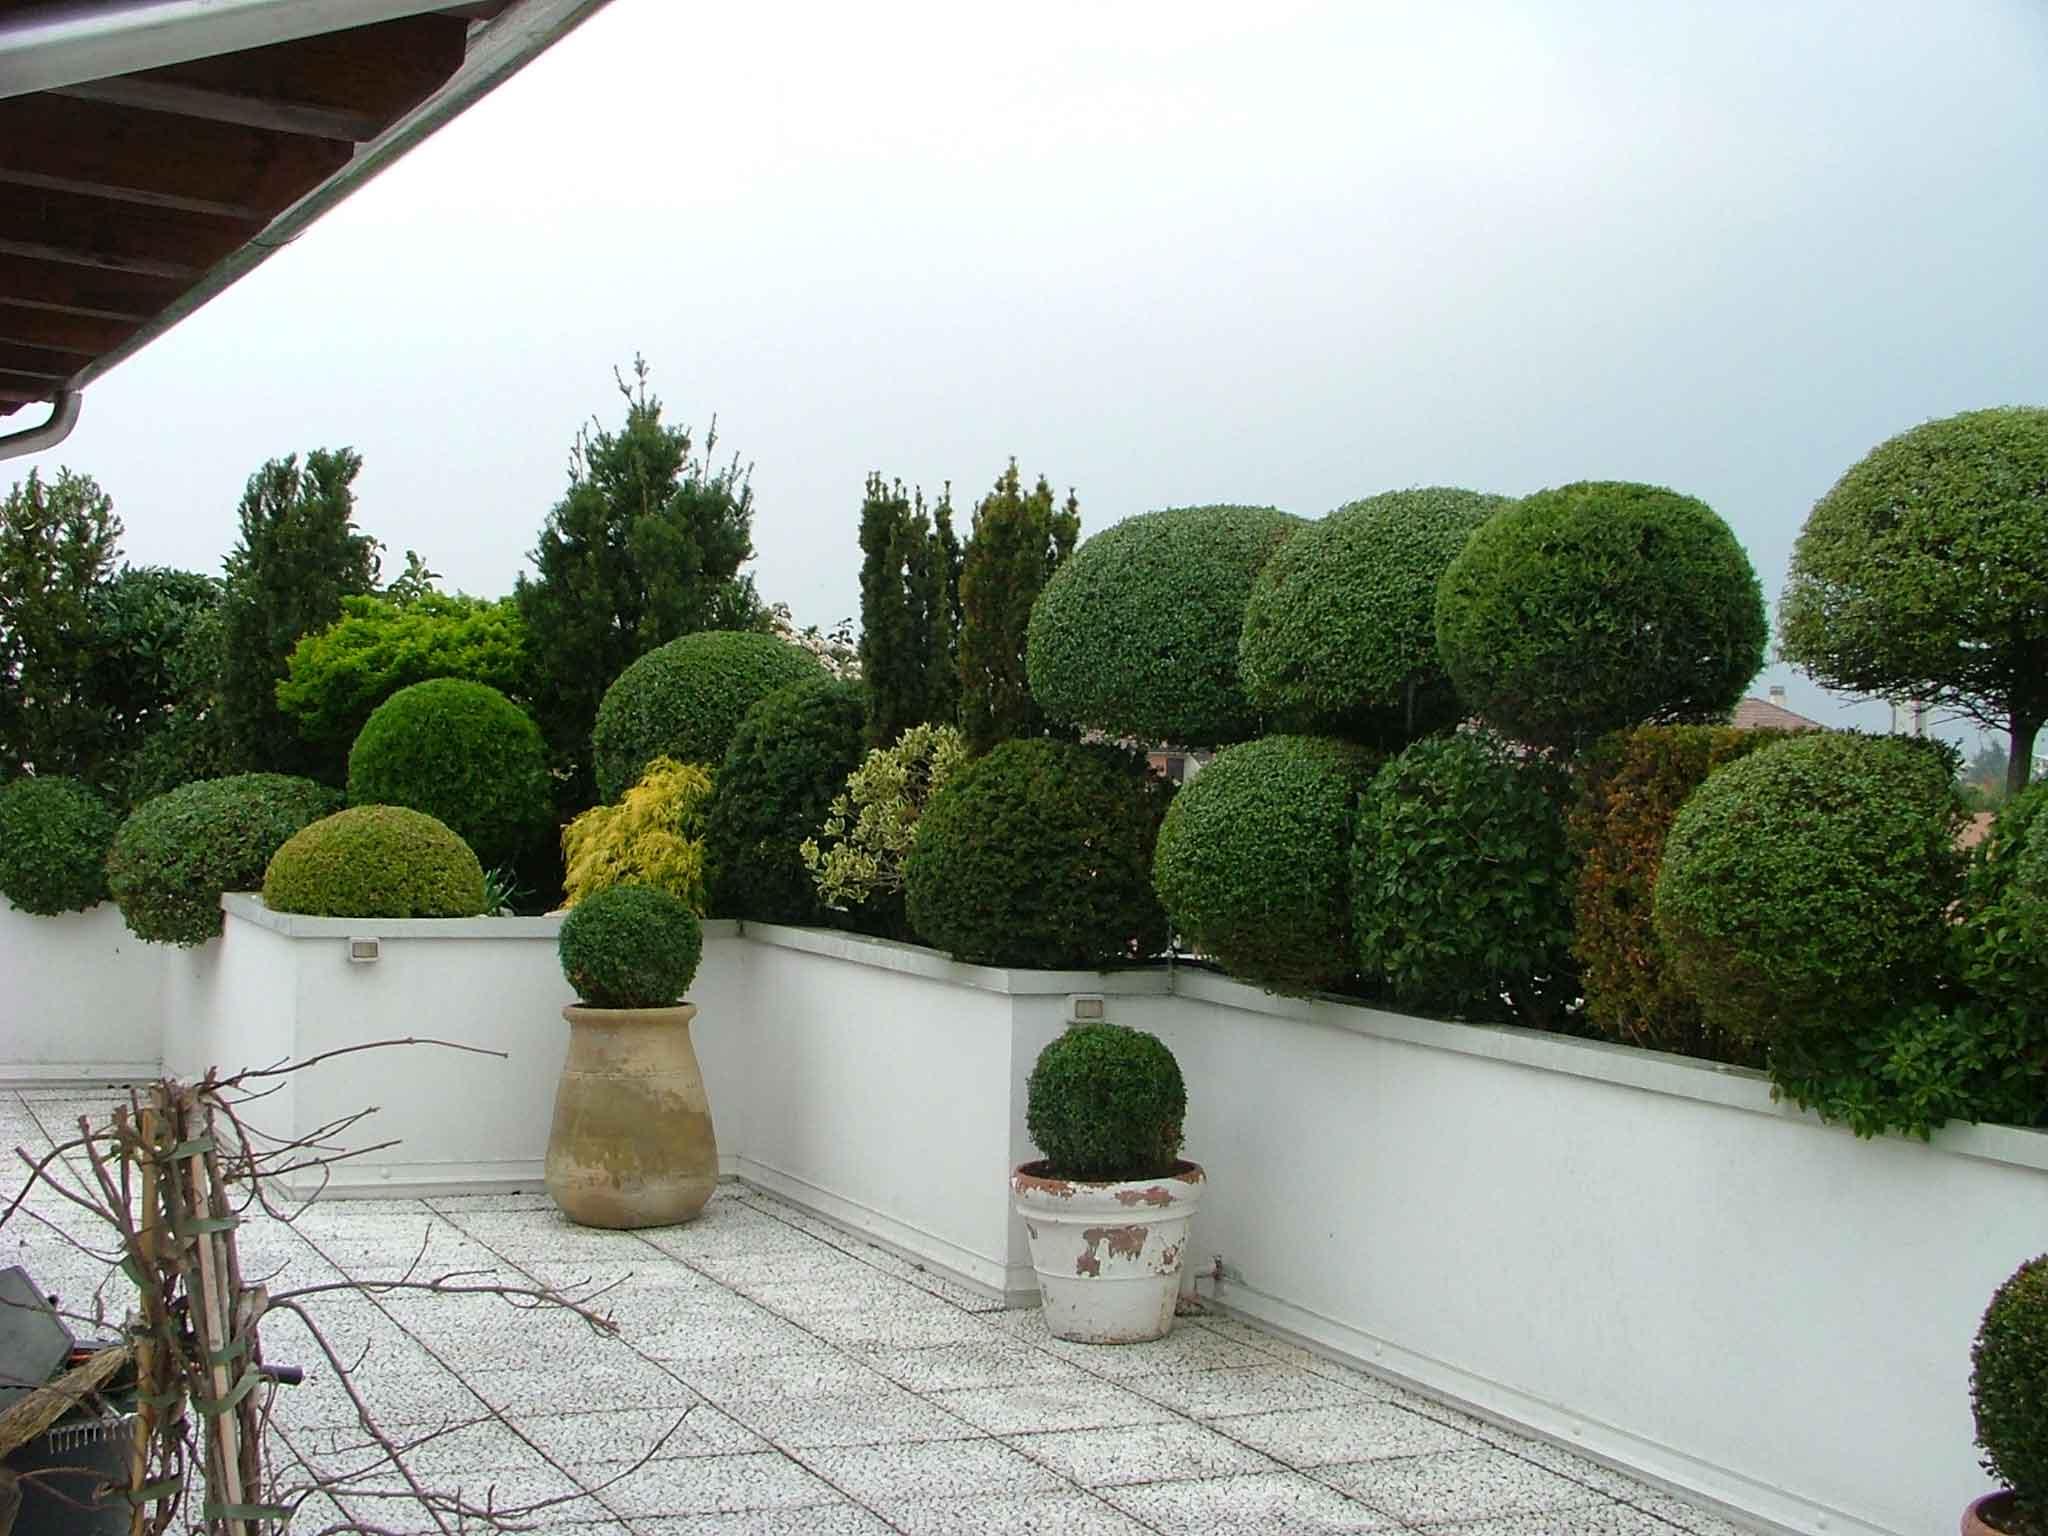 Terrazze e pareti verdi: Oltre il Verde Giardini | Piove di sacco ...